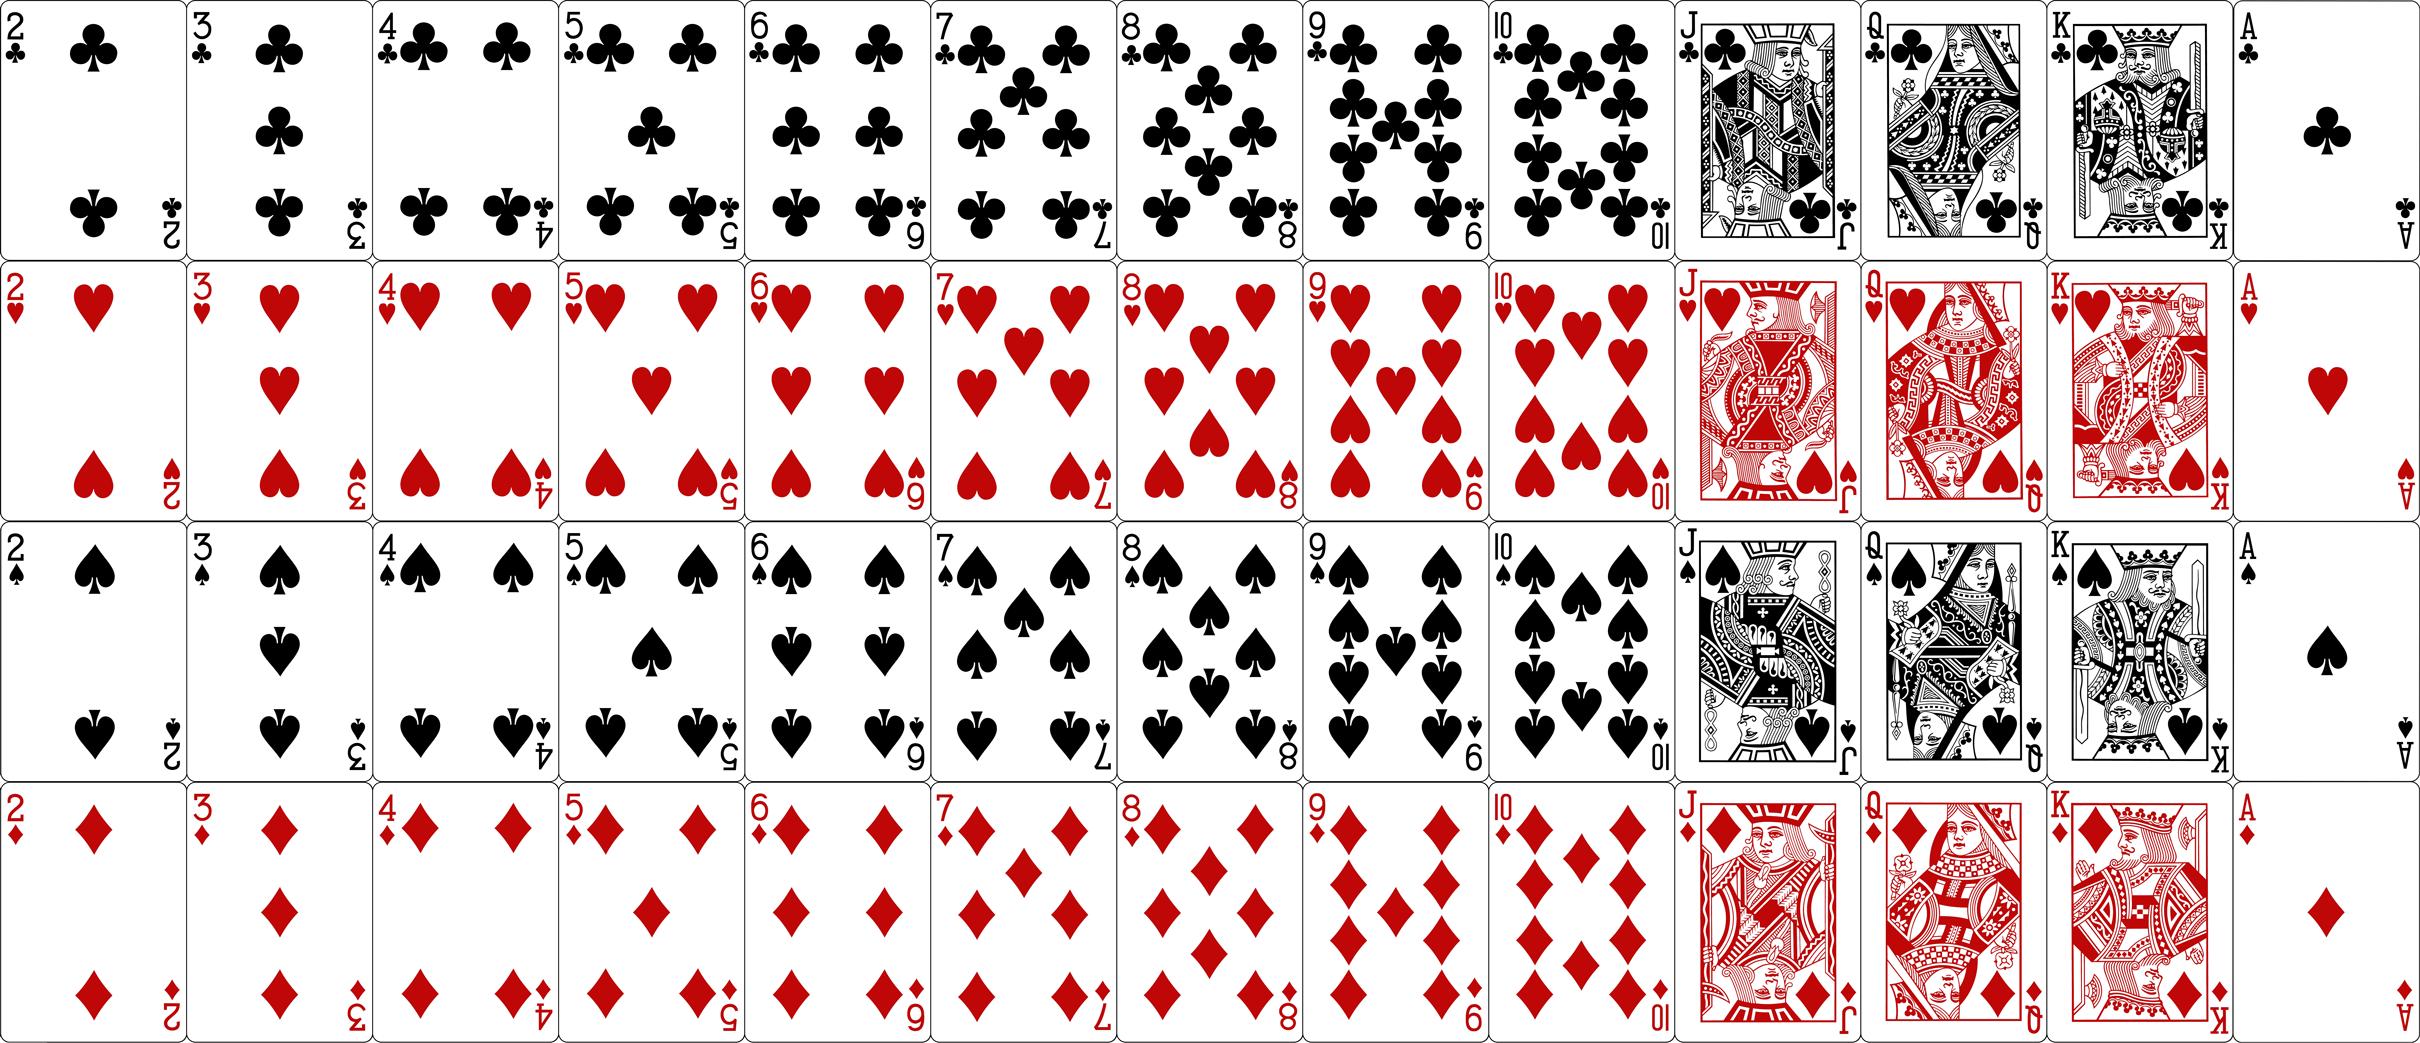 Kortų žaidimas Melagis _ 52 kortų kaladė arba malka